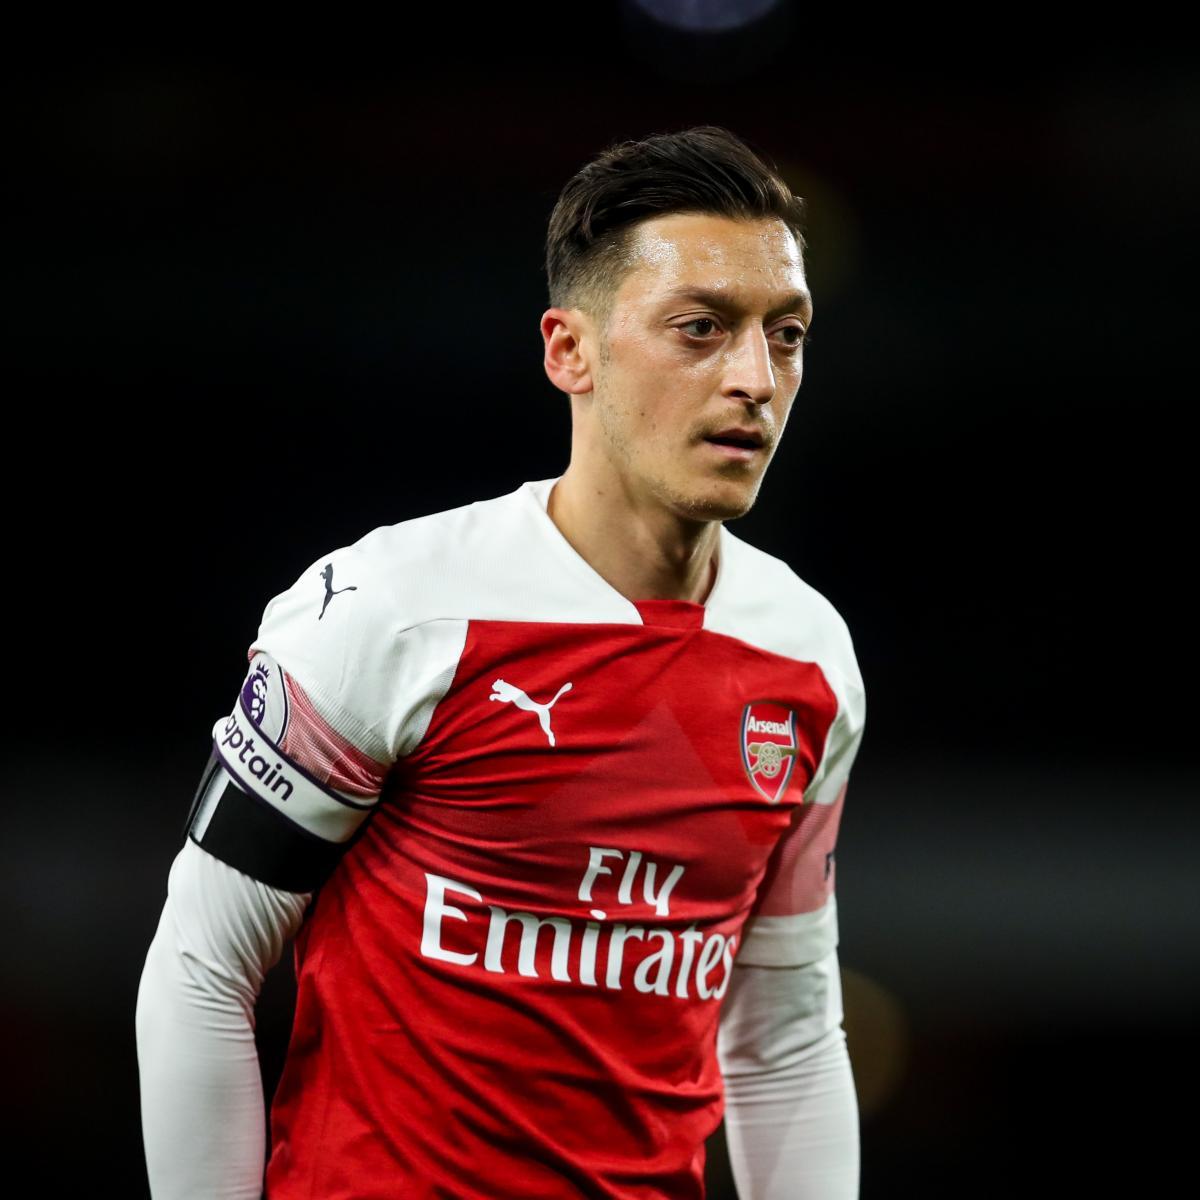 da41d53e3c1 Mesut Ozil on Arsenal